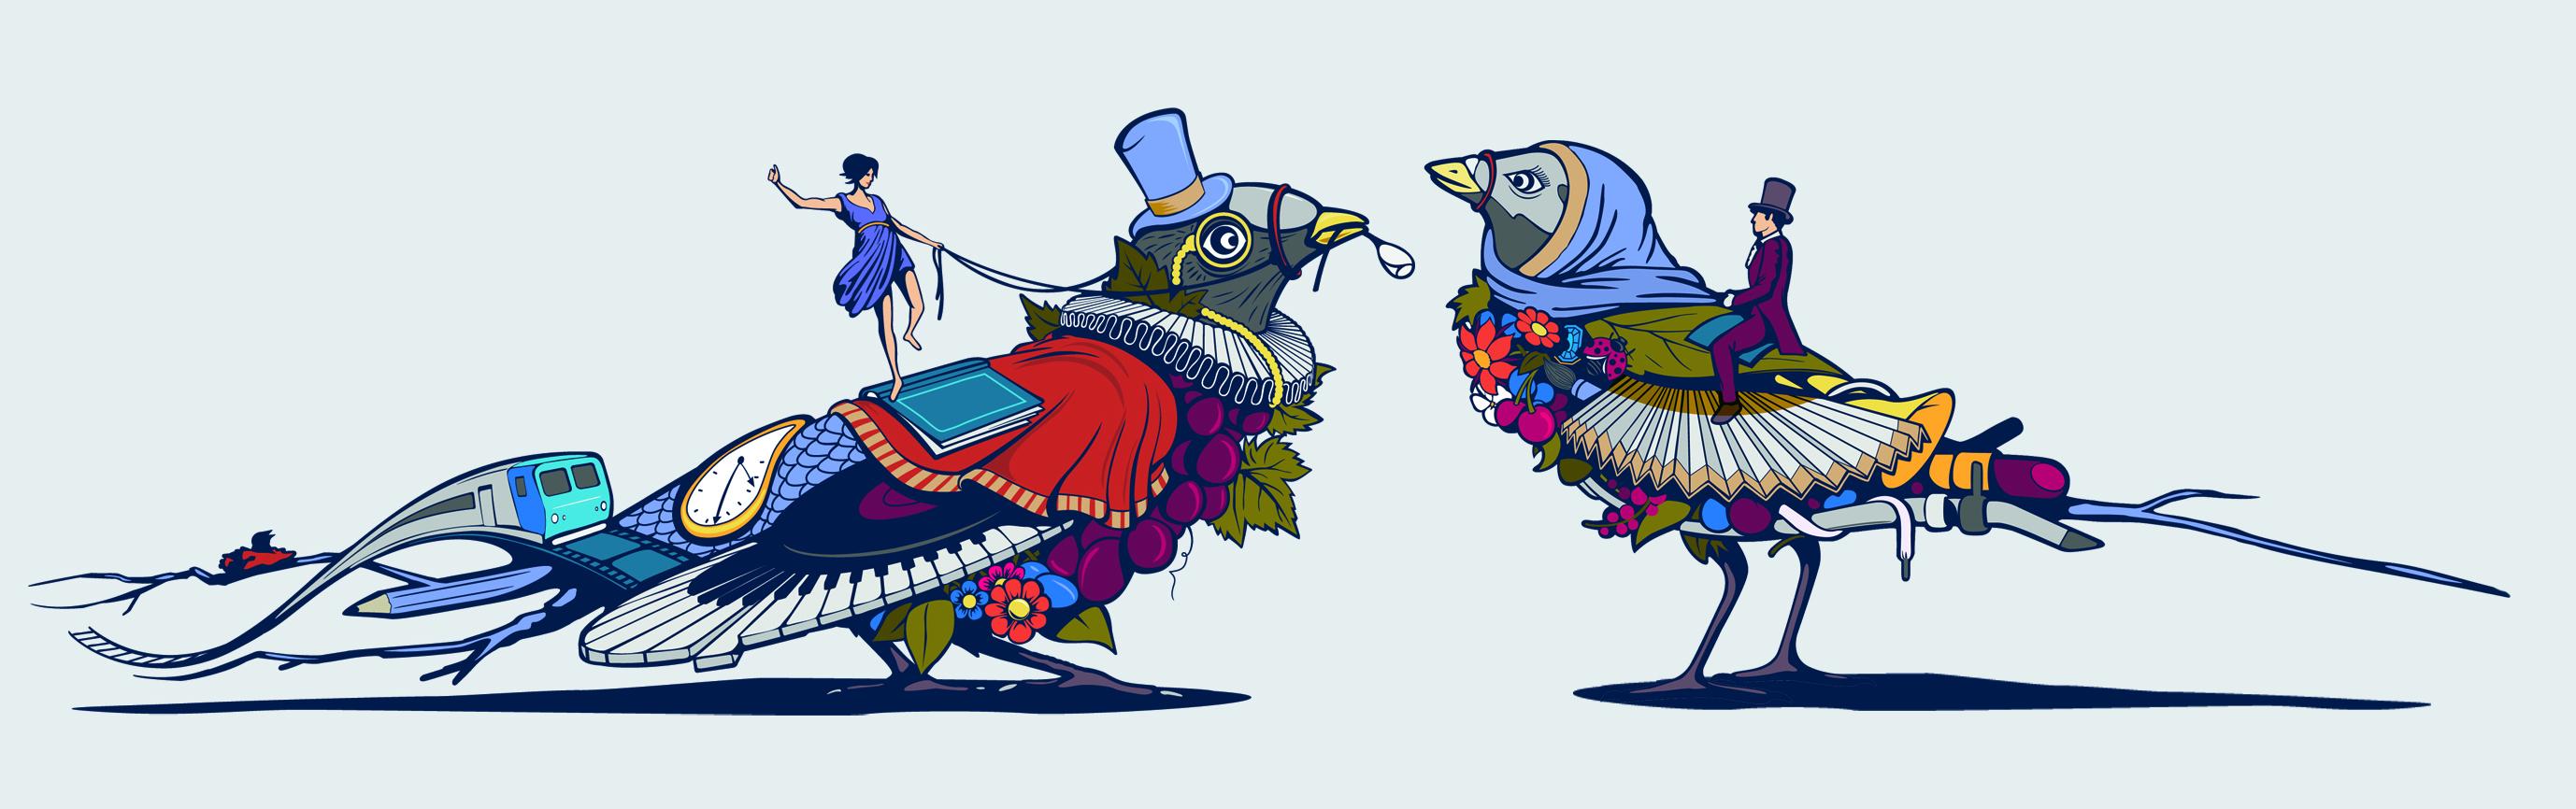 Nerone-dandy-birds-bordeaux-street-art-6